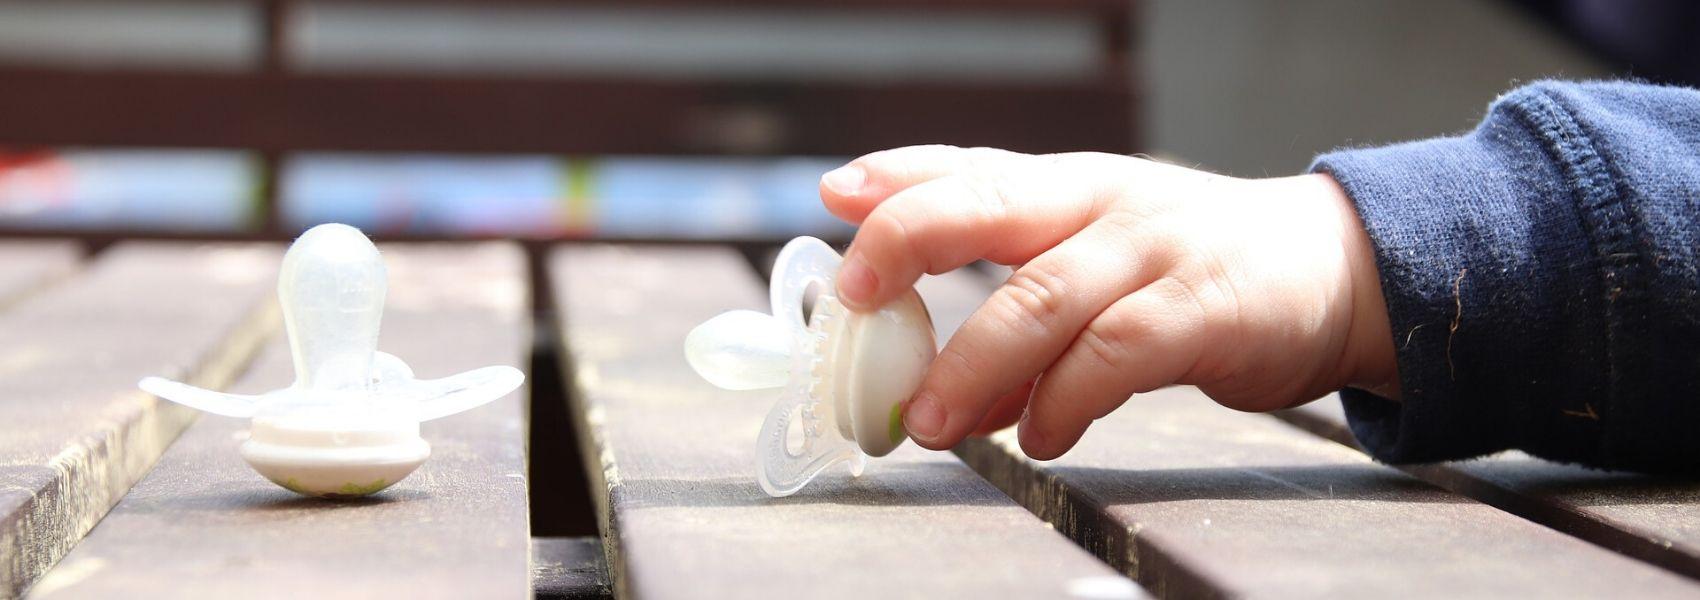 Biossensor em chupeta pode ajudar a monitorizar a saúde do recém-nascido